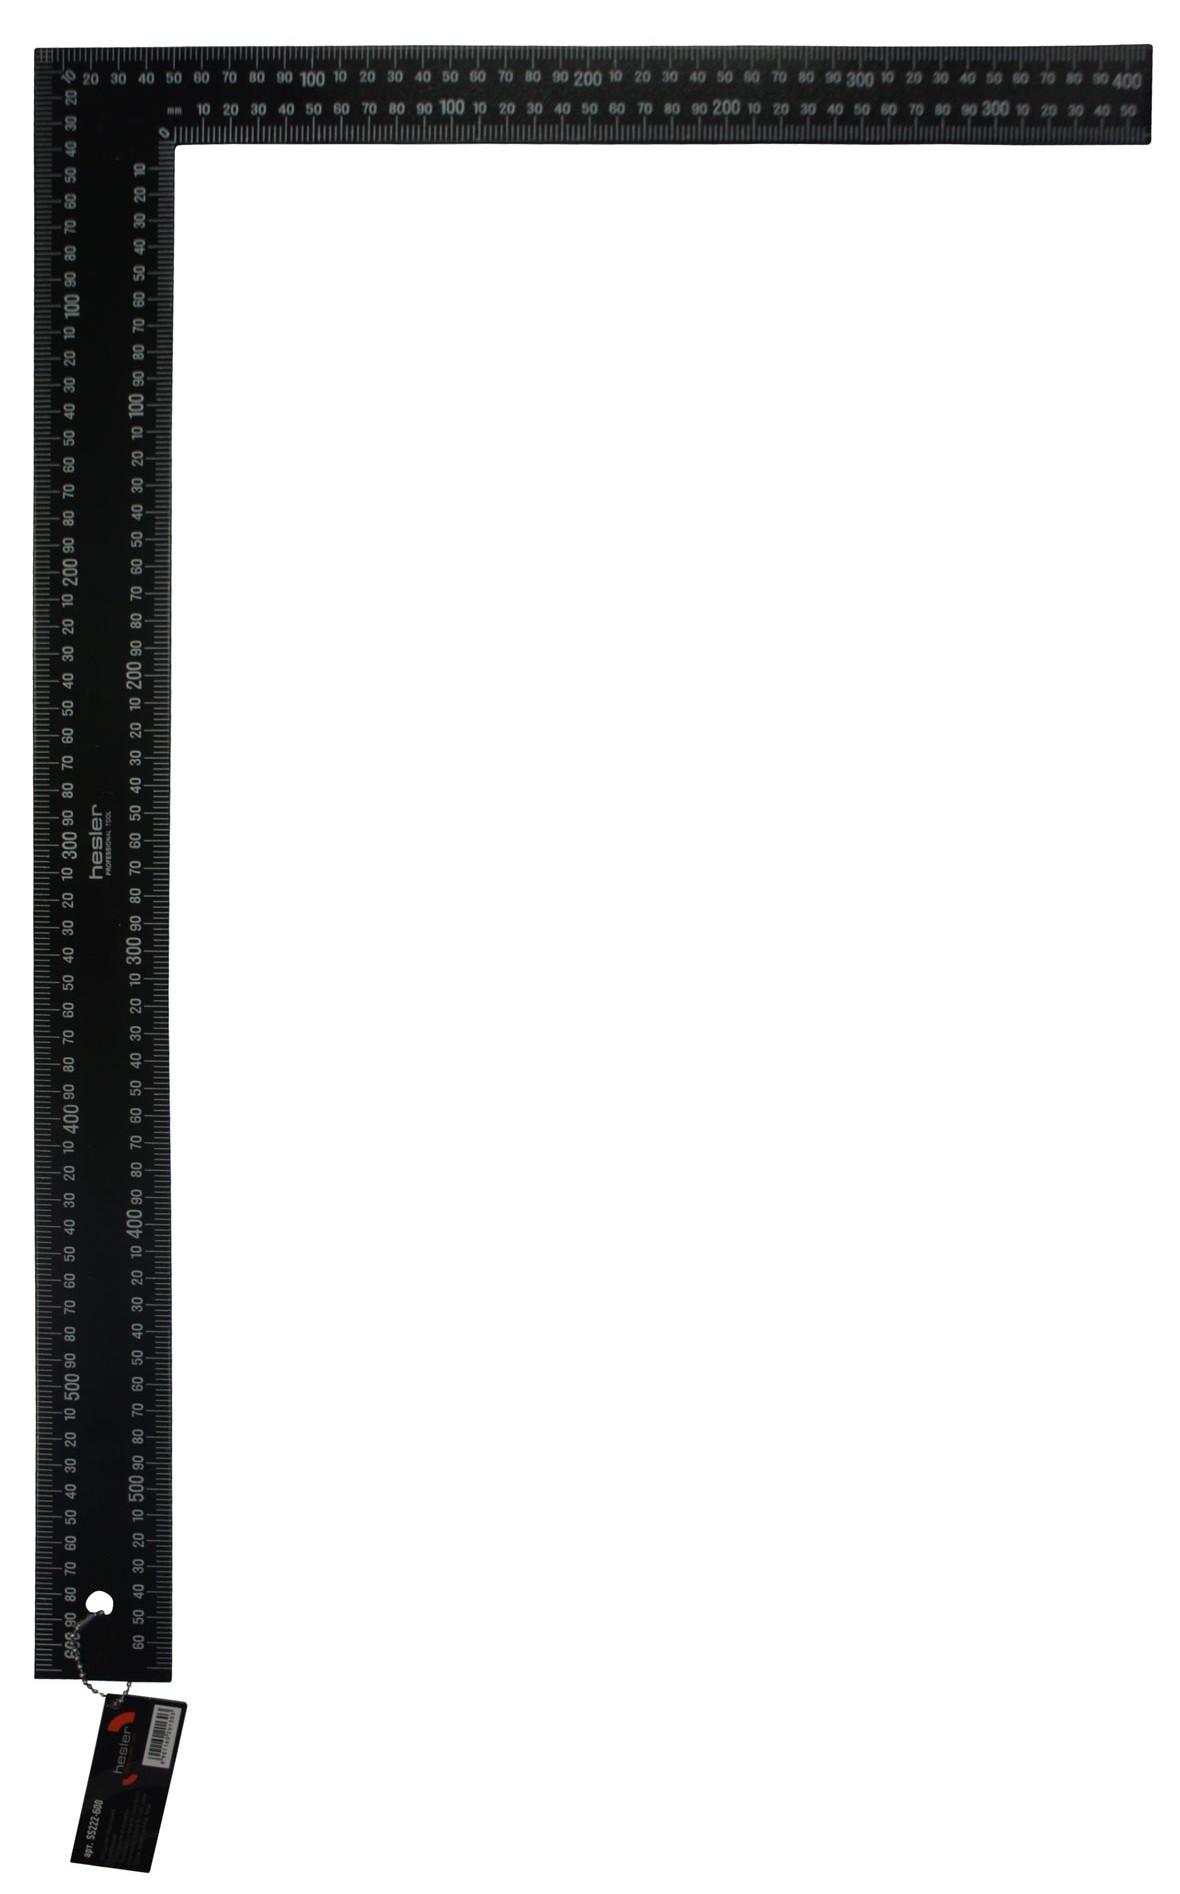 Угольник строительный 600мм металлический окрашенный Hesler Стандарт